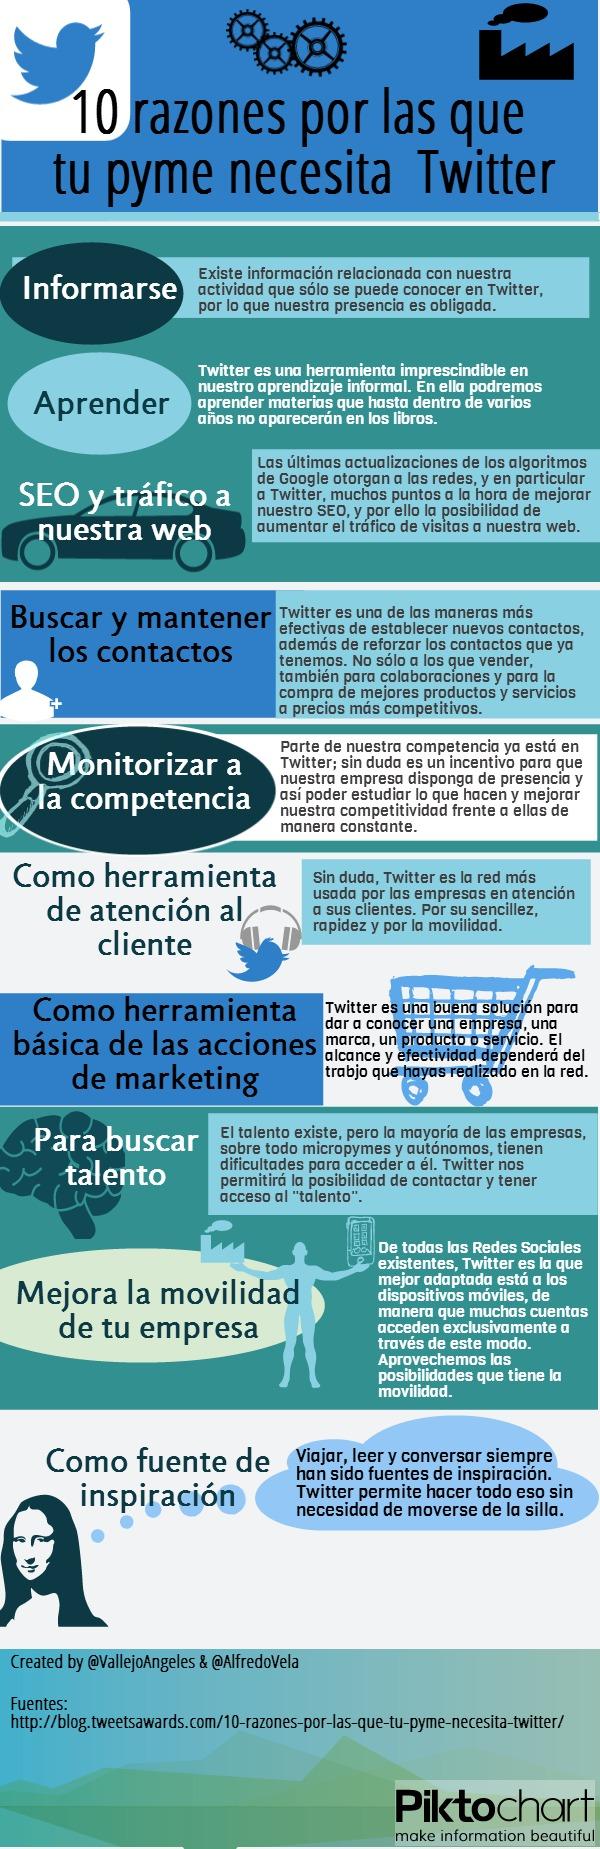 10 razones por las que tu pyme necesita Twitter #infografia #infographic #socialmedia - TICs y Formación